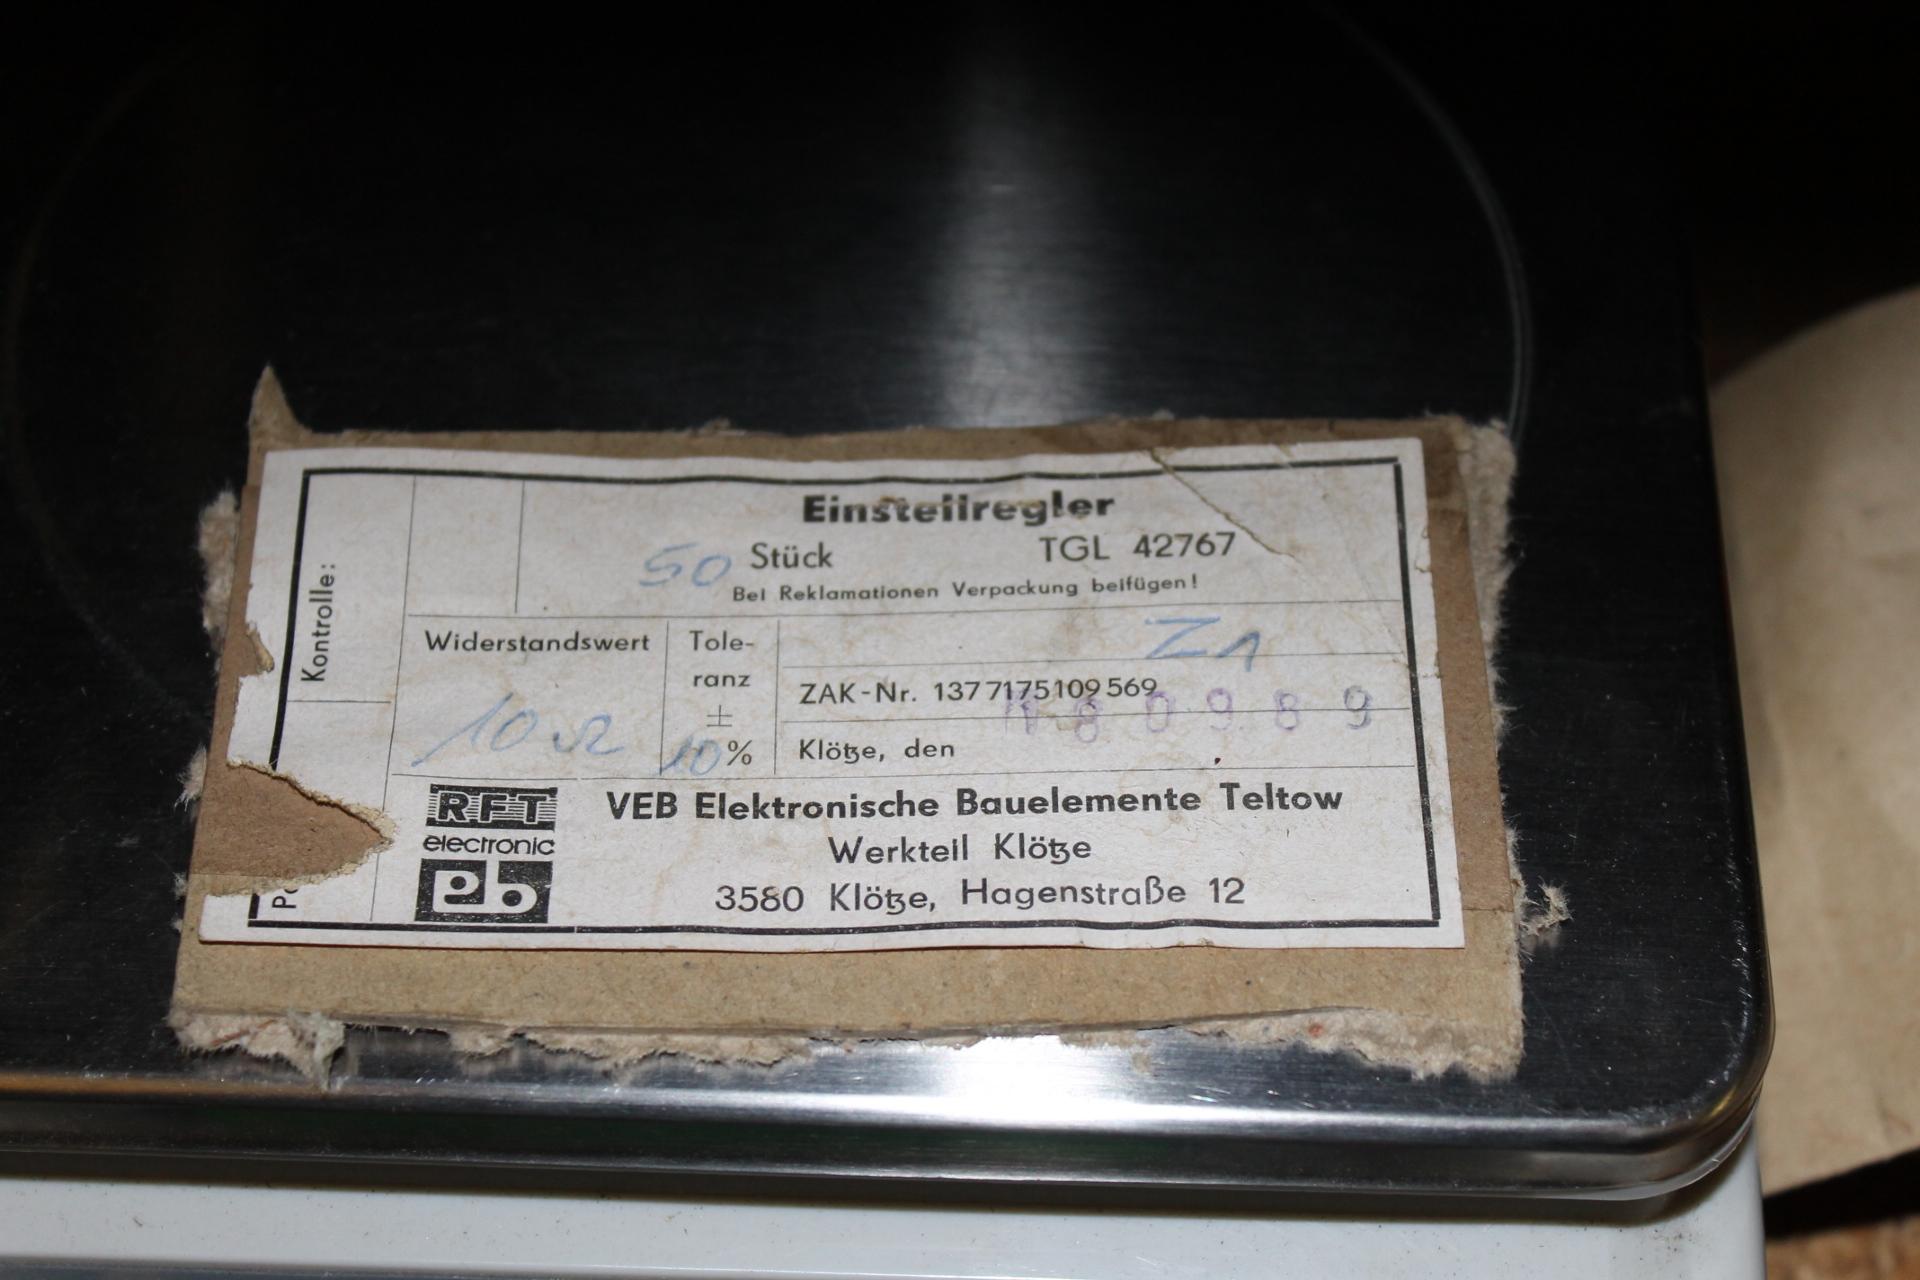 TGL 42767 - Typenschild DDR Poti Einstellregler